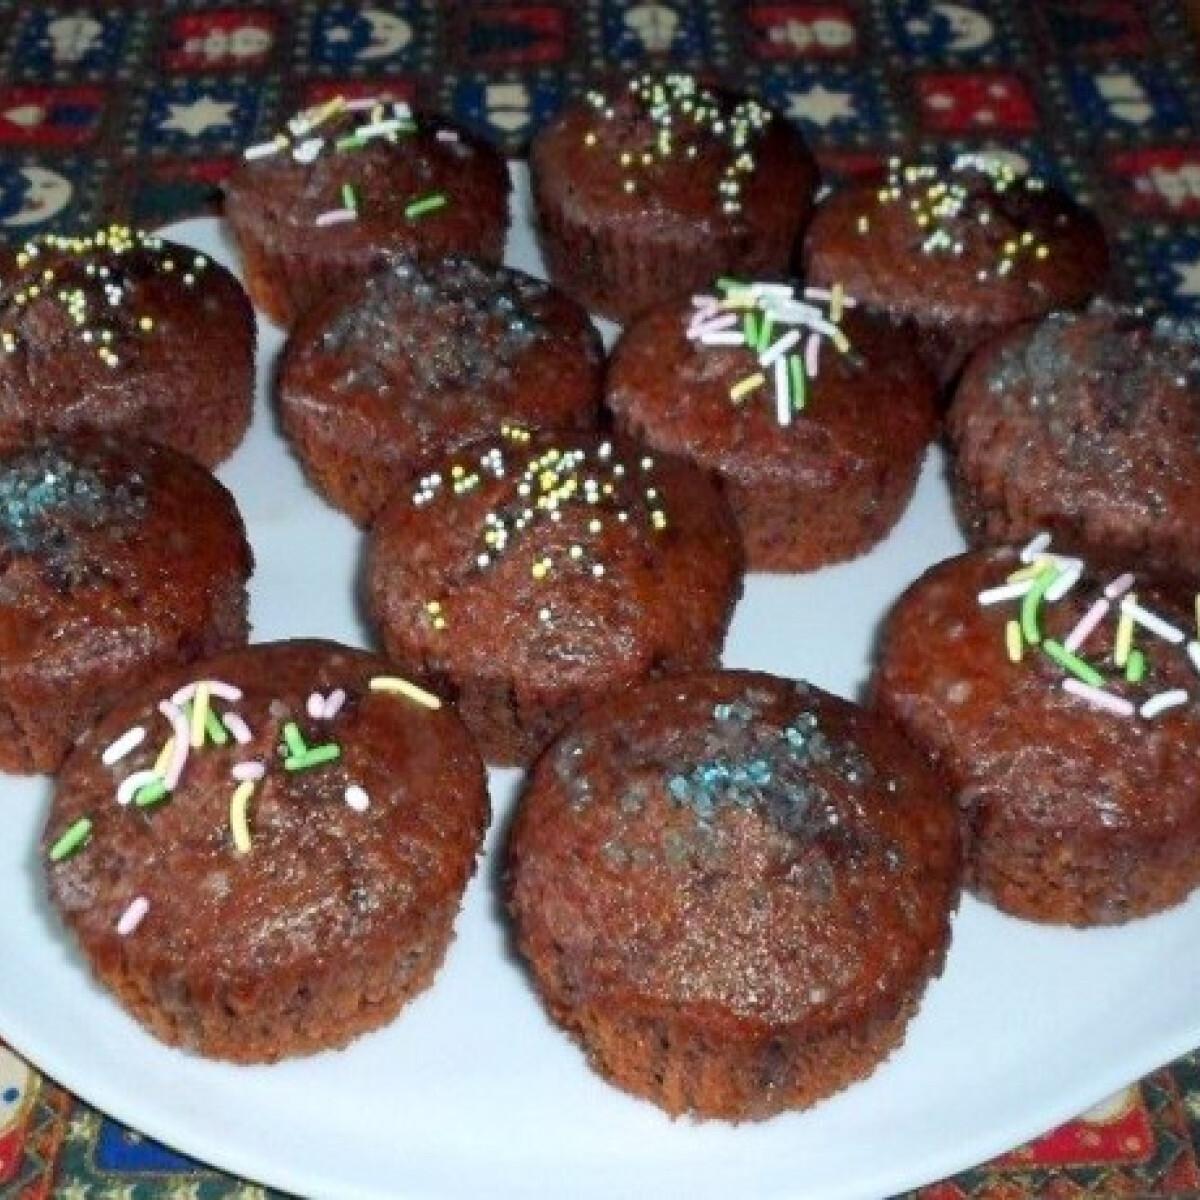 Citromos-kakaós muffin Nagymama konyhájából